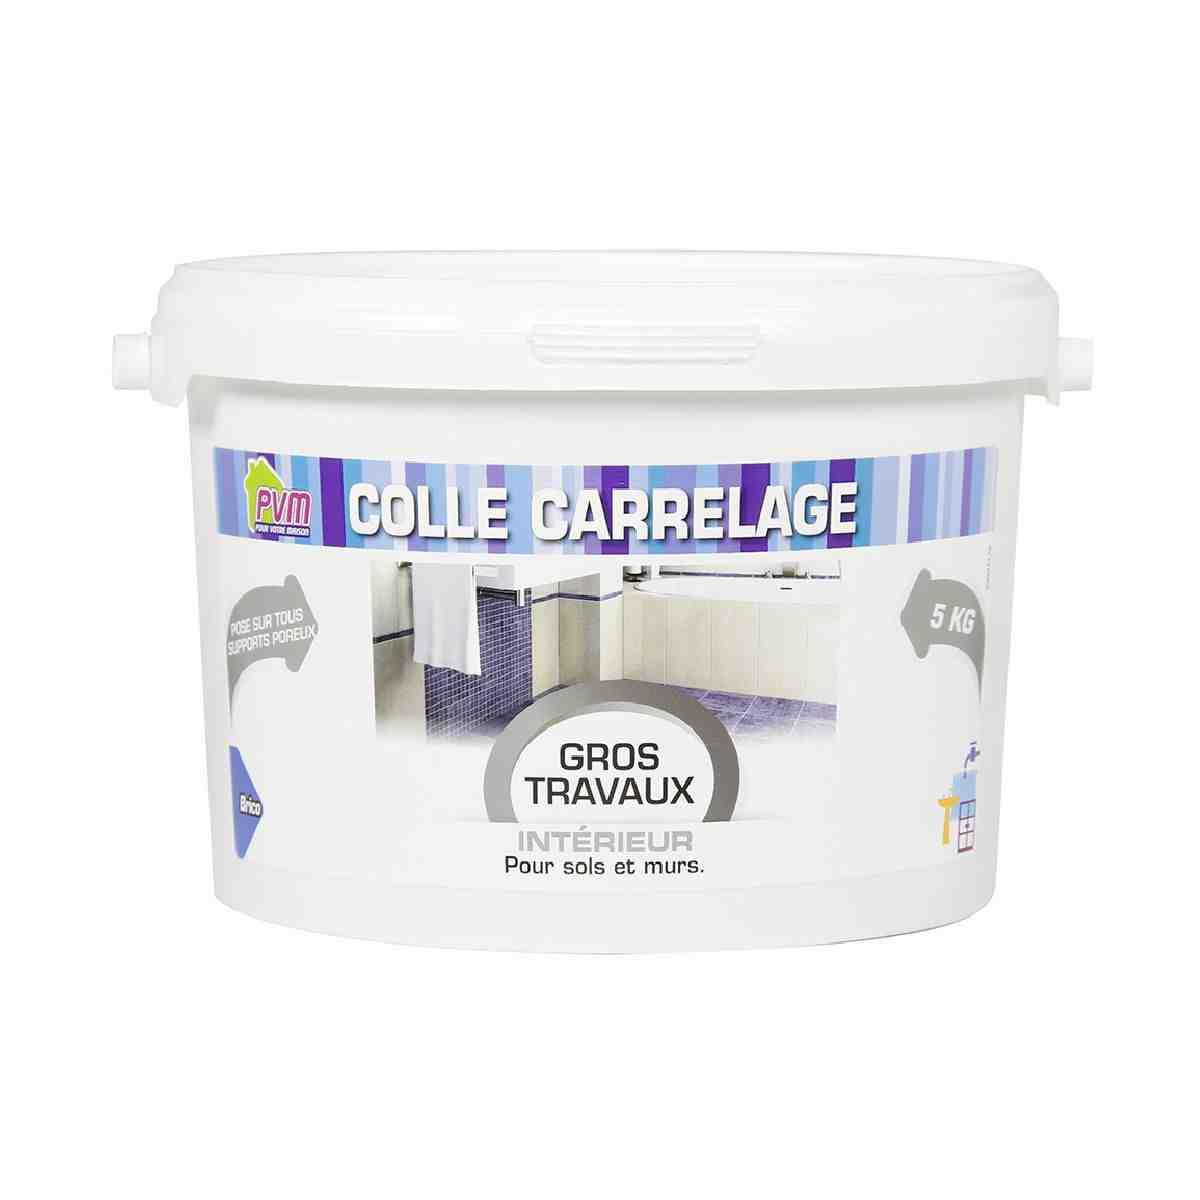 Colle carrelage sur sol et mur pvm seau plastique 5 kg for Colle pour coller carrelage sur carrelage